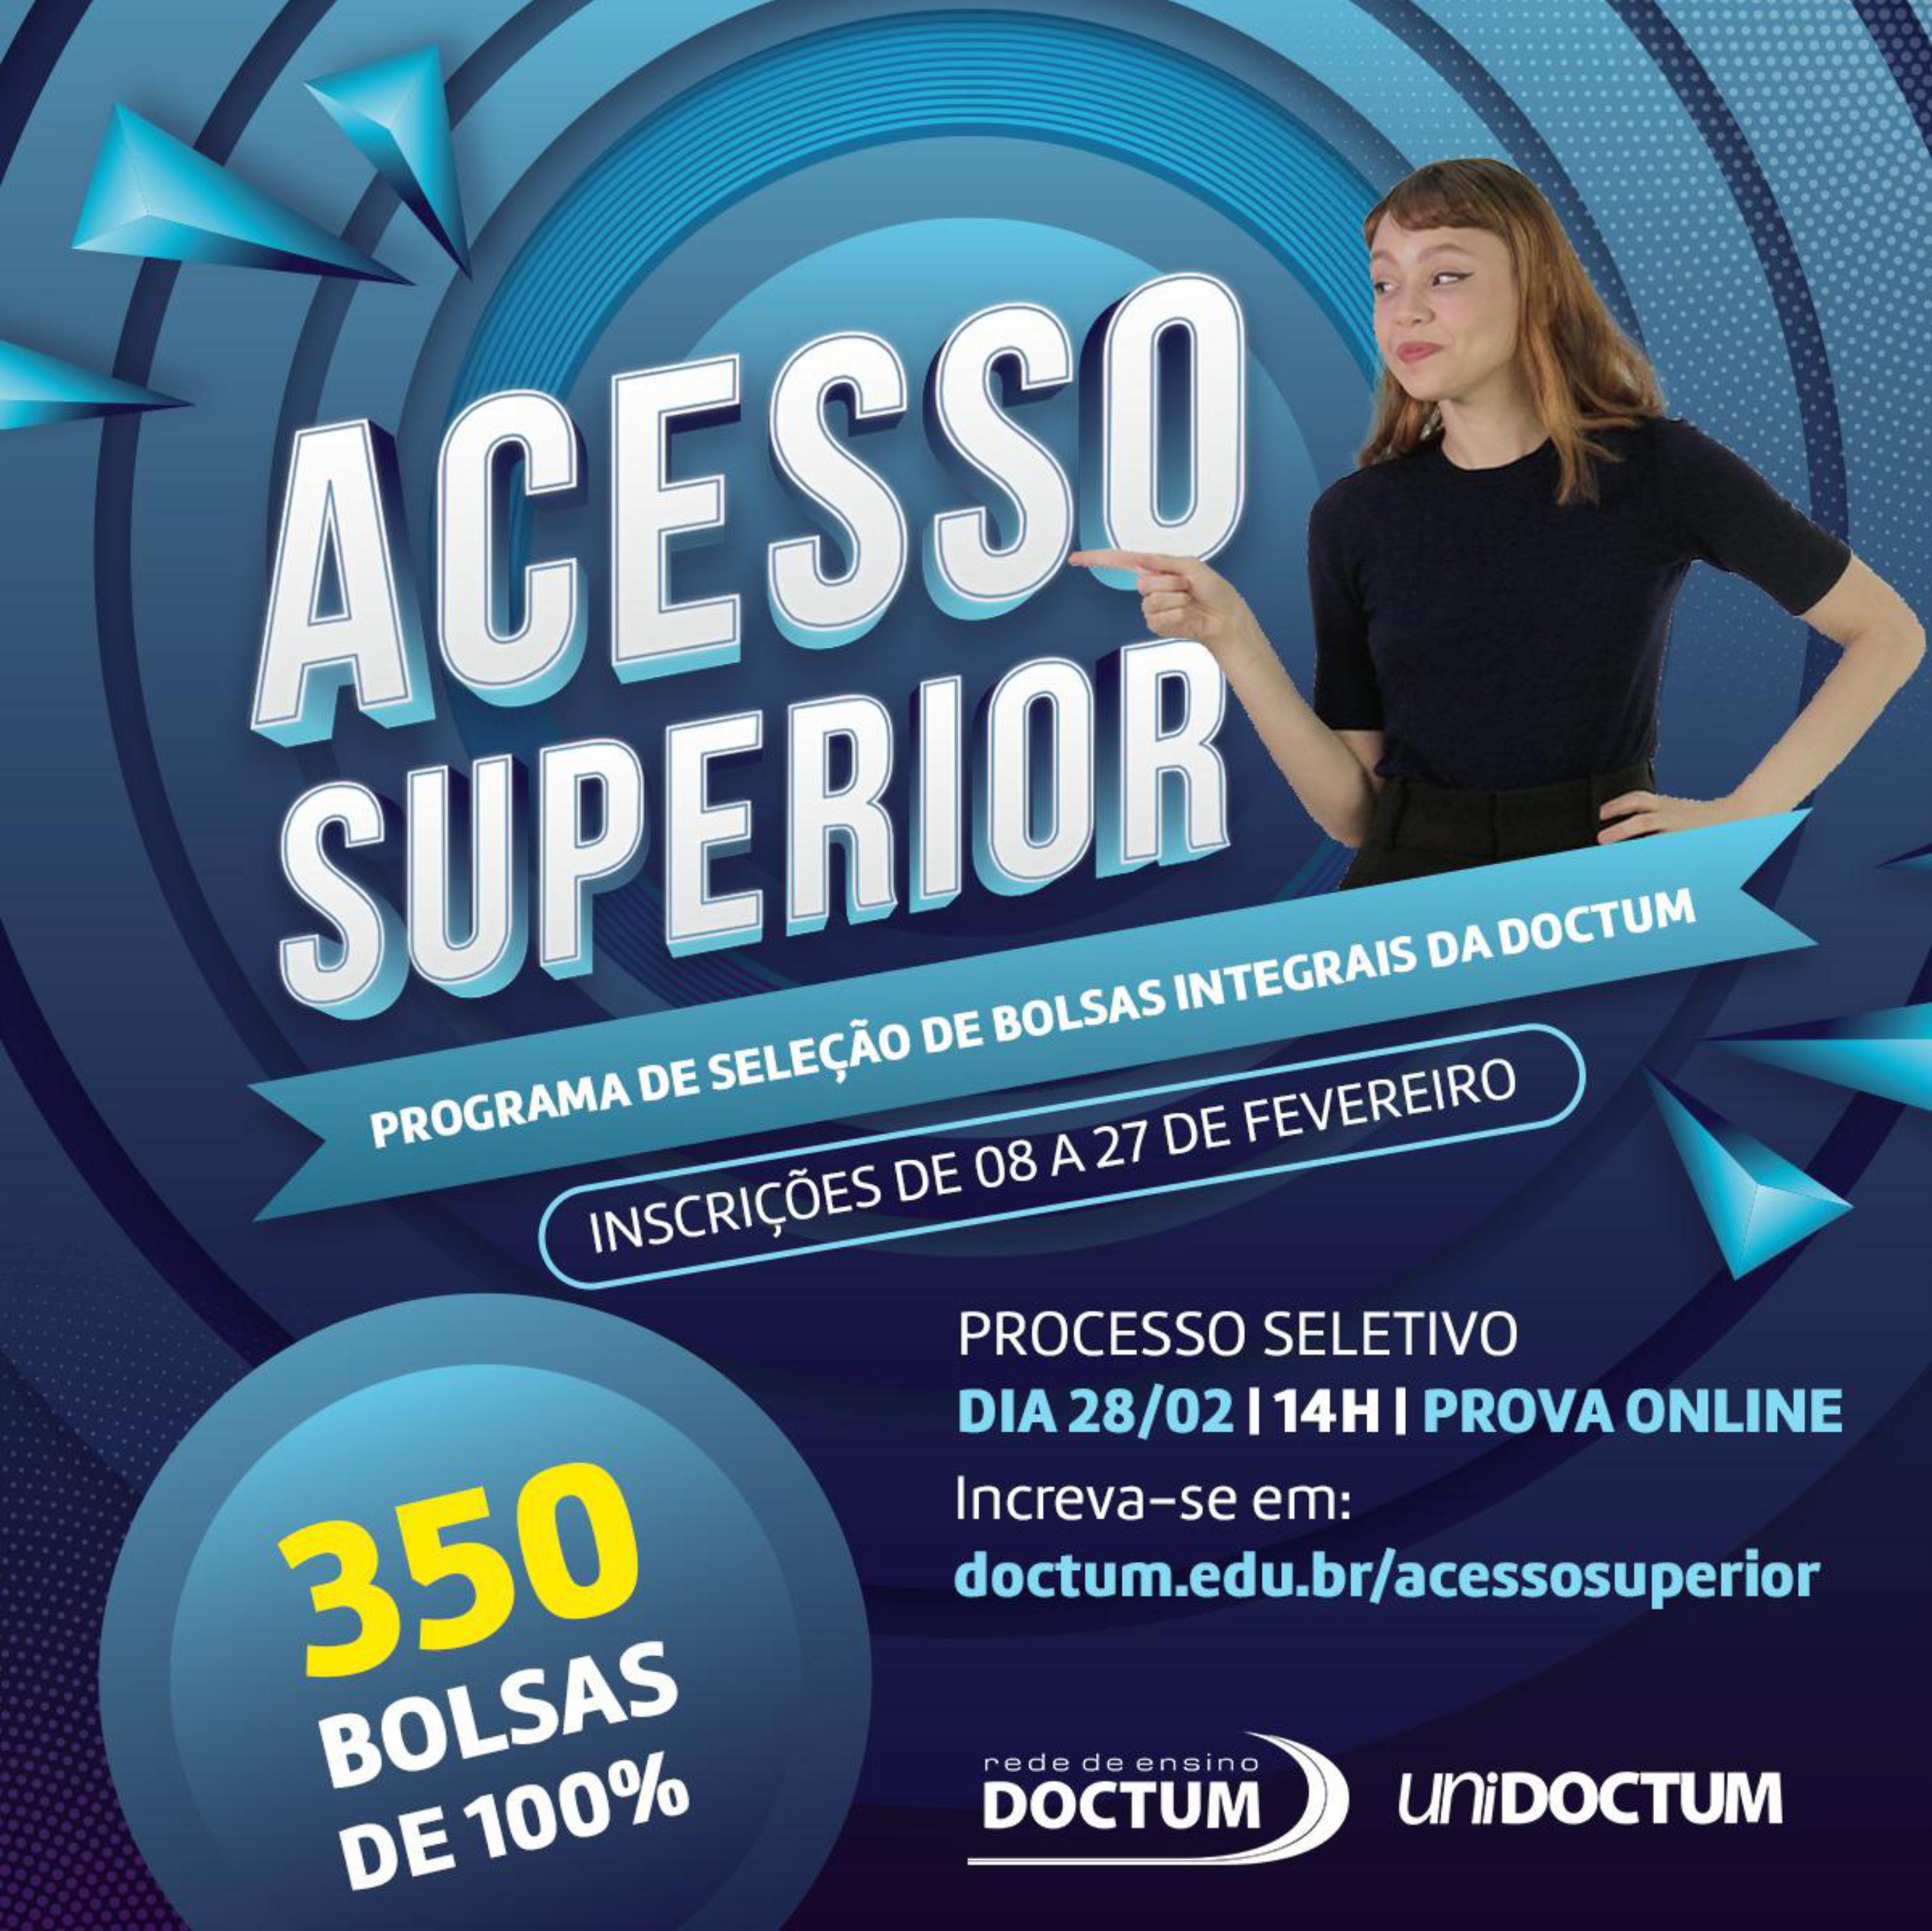 Rede de Ensino Doctum irá distribuir 350 bolsas de estudos integrais